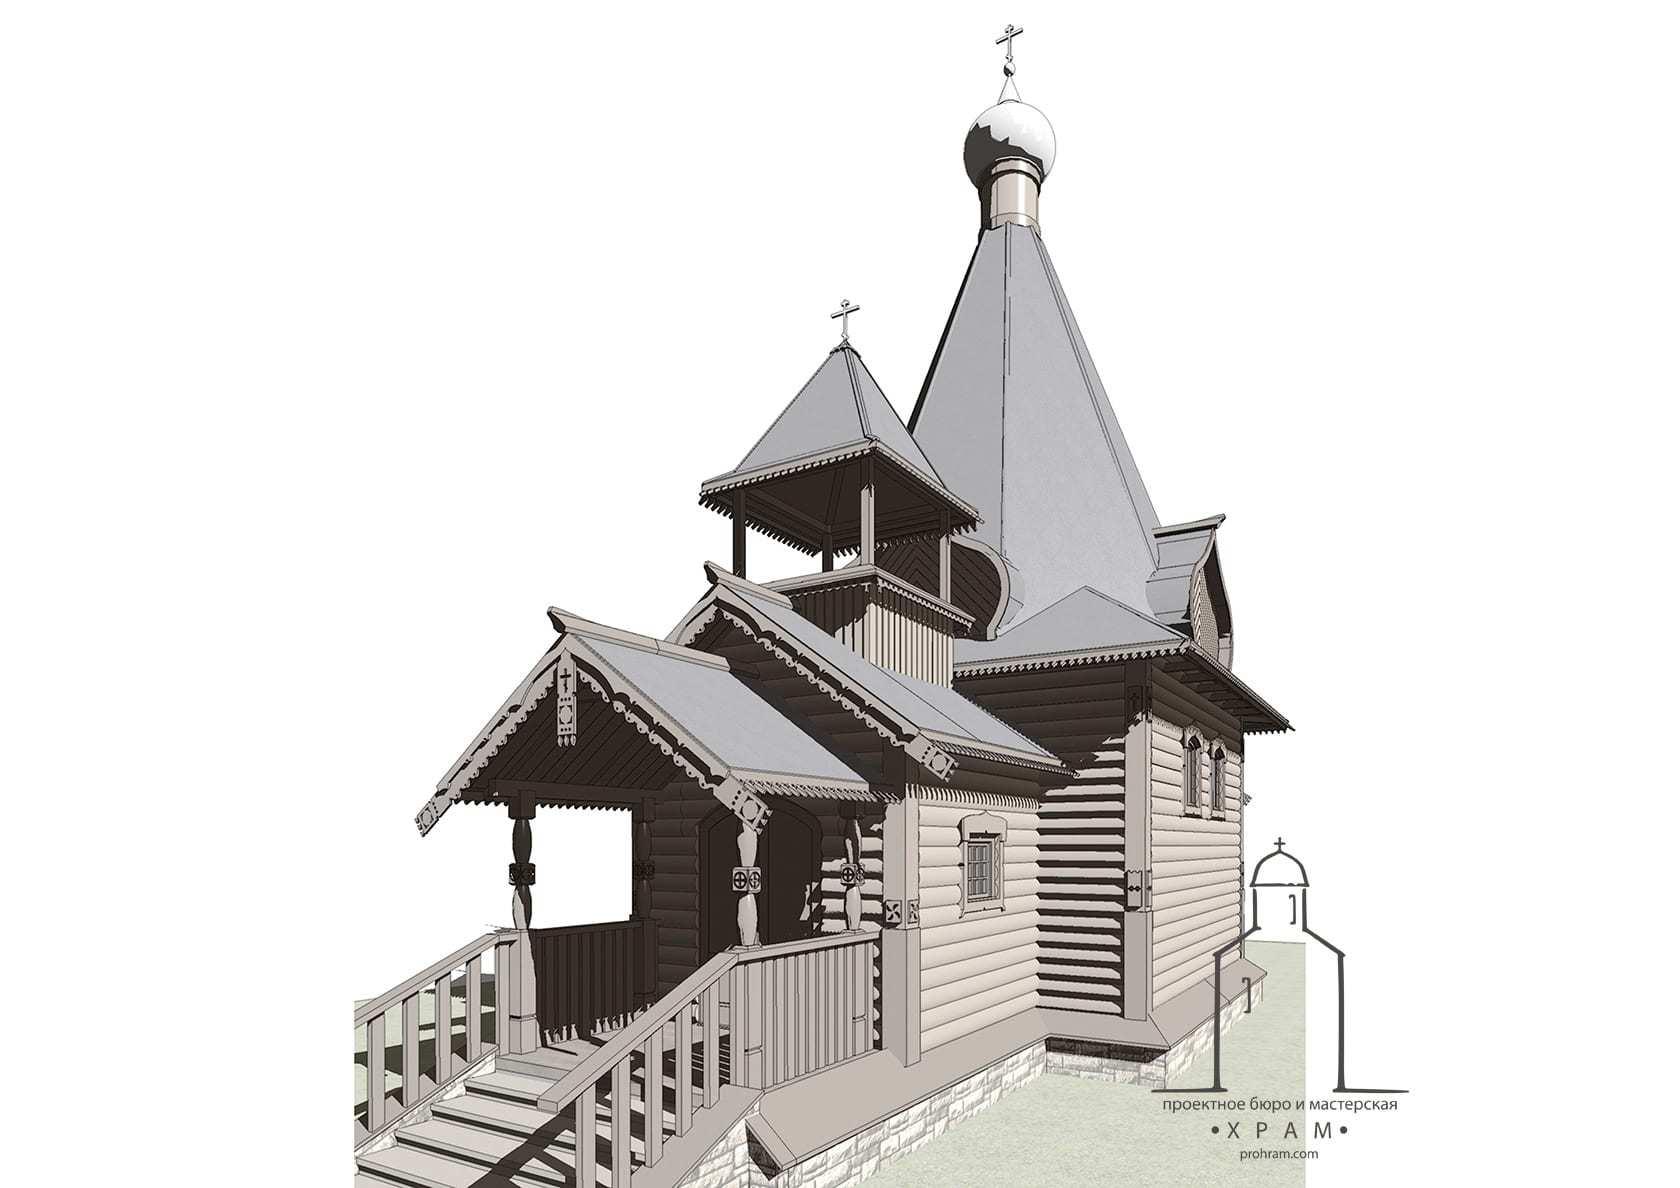 проект деревянного храма, проект деревянного храма на 80 человек, проект храма, архитектура проект храма, проект храма часовни